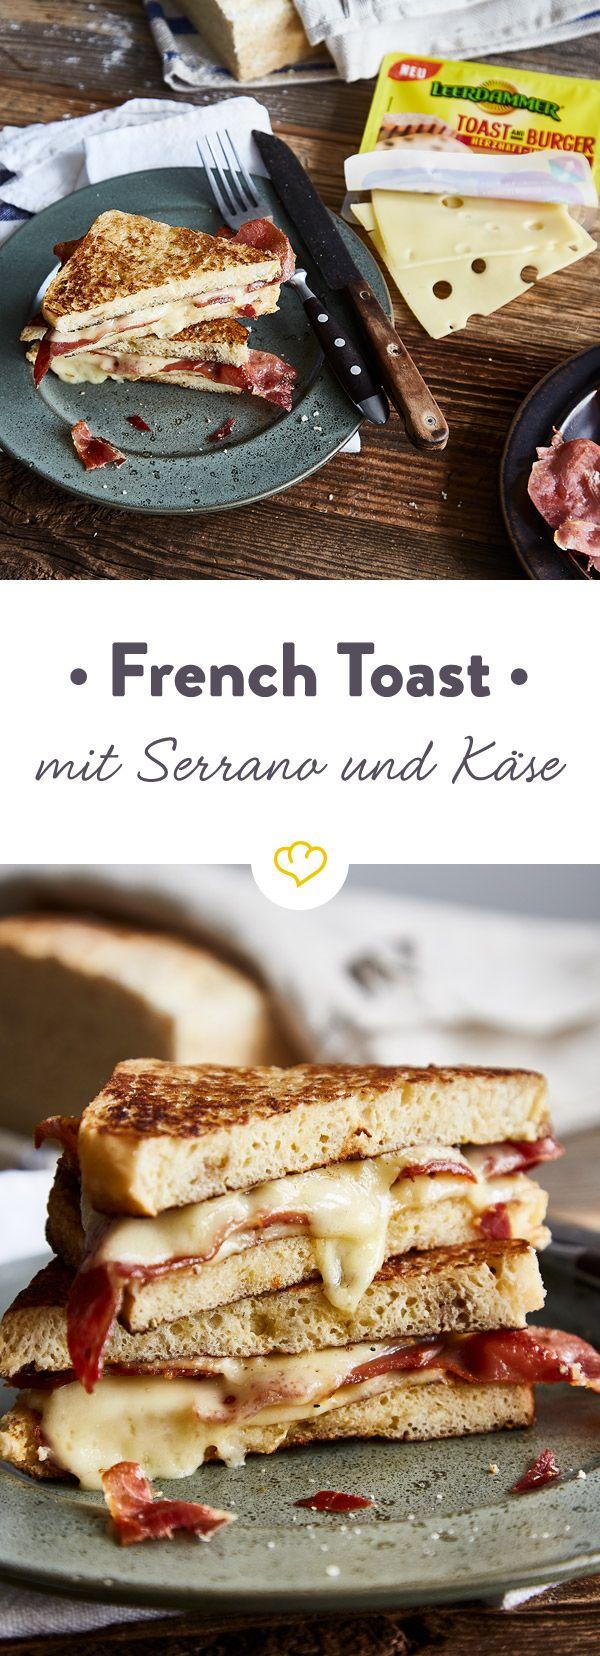 Revolutioniere deinen French Toast. Schmelzender Leerdammer Toast and Burger Käse und Serrano werden zwischen Weißbrotscheiben knusprig ausgebacken.